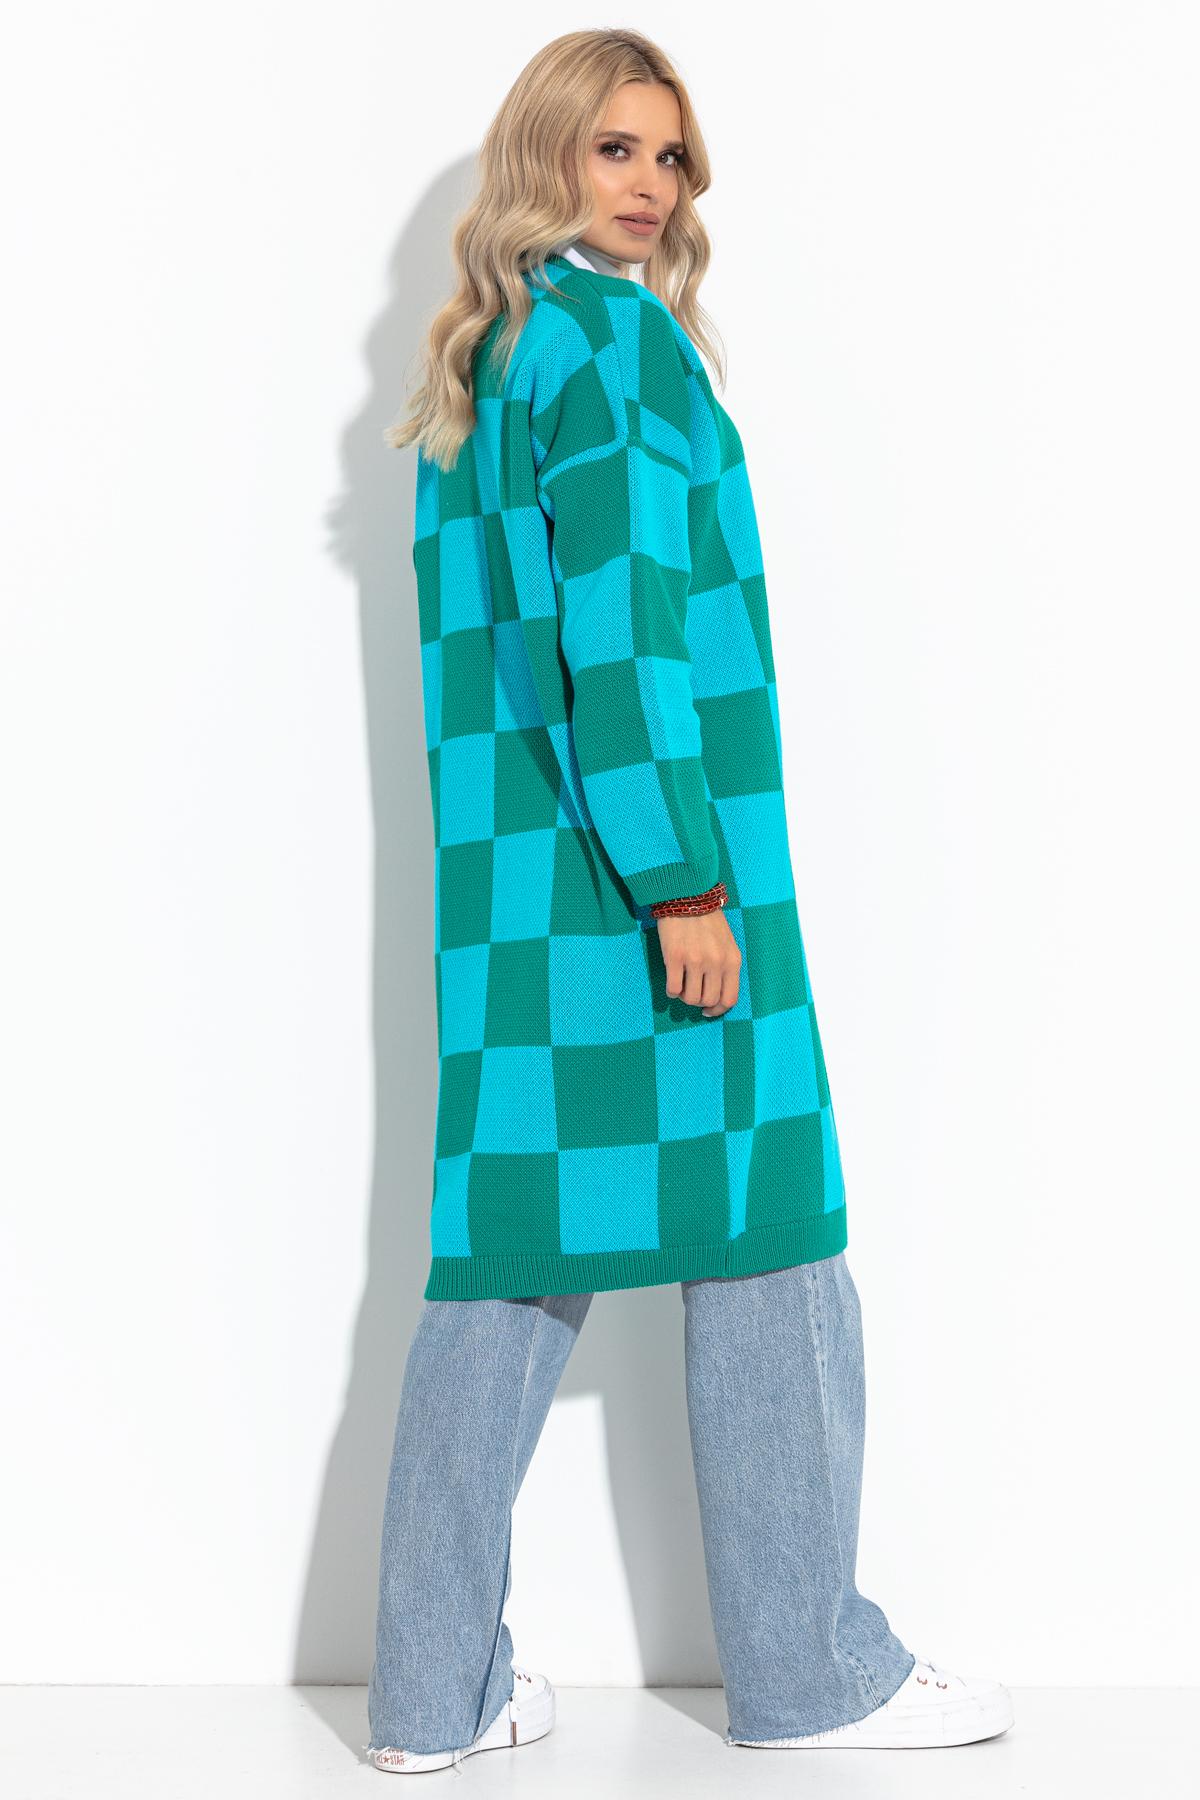 Cardigan in Lang mit blau-grünem Schachbrettmuster Rückansicht